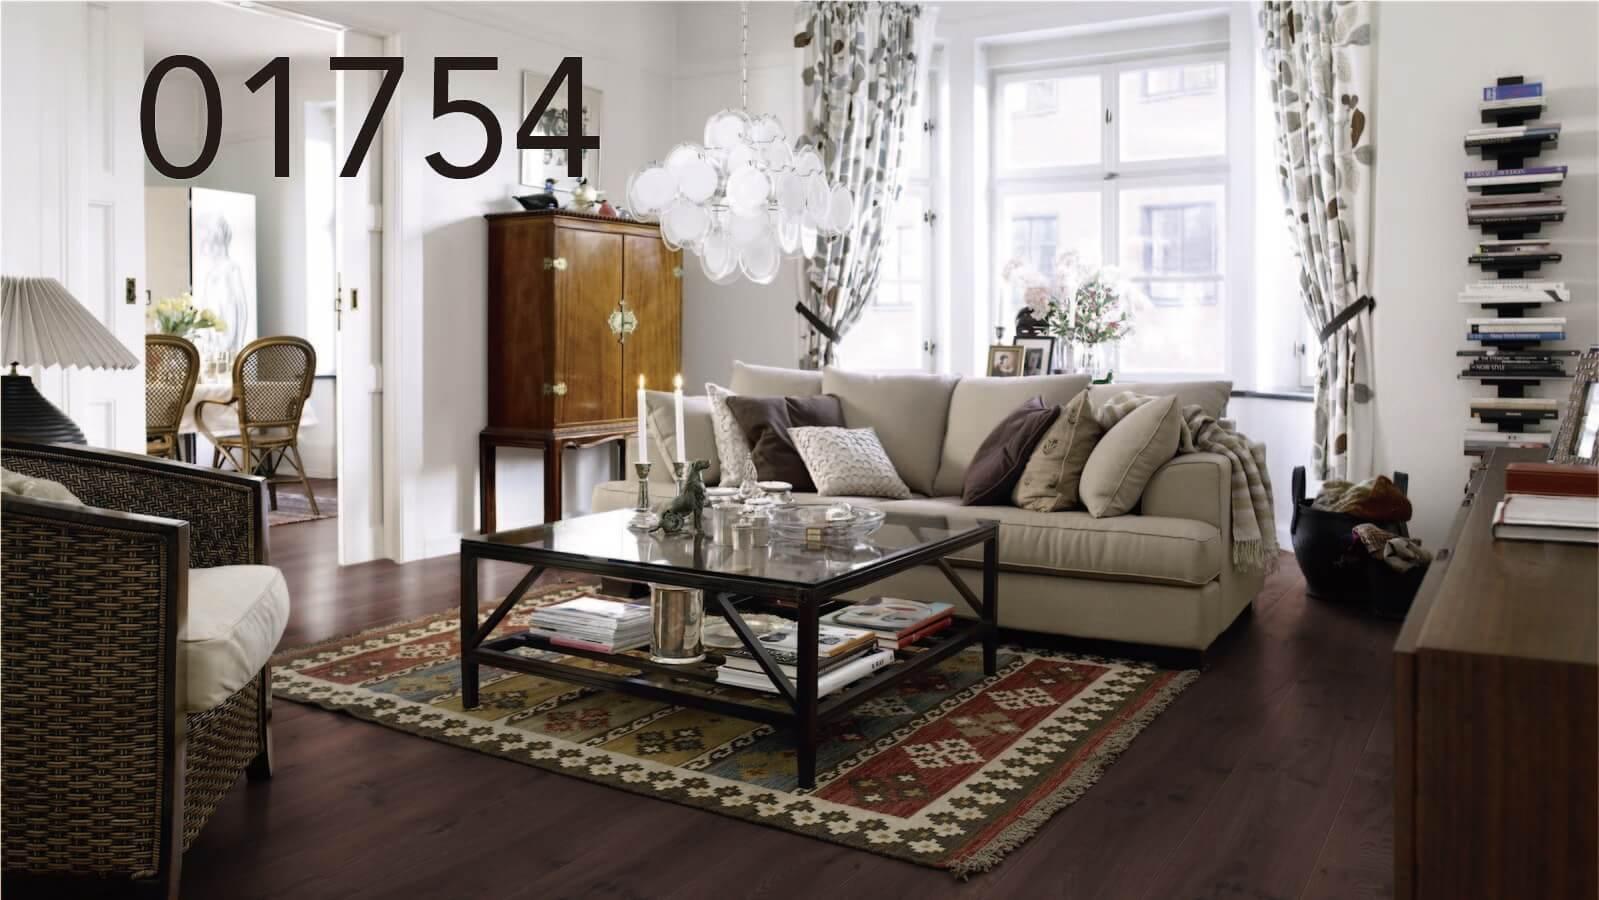 L0323-01754可可橡木